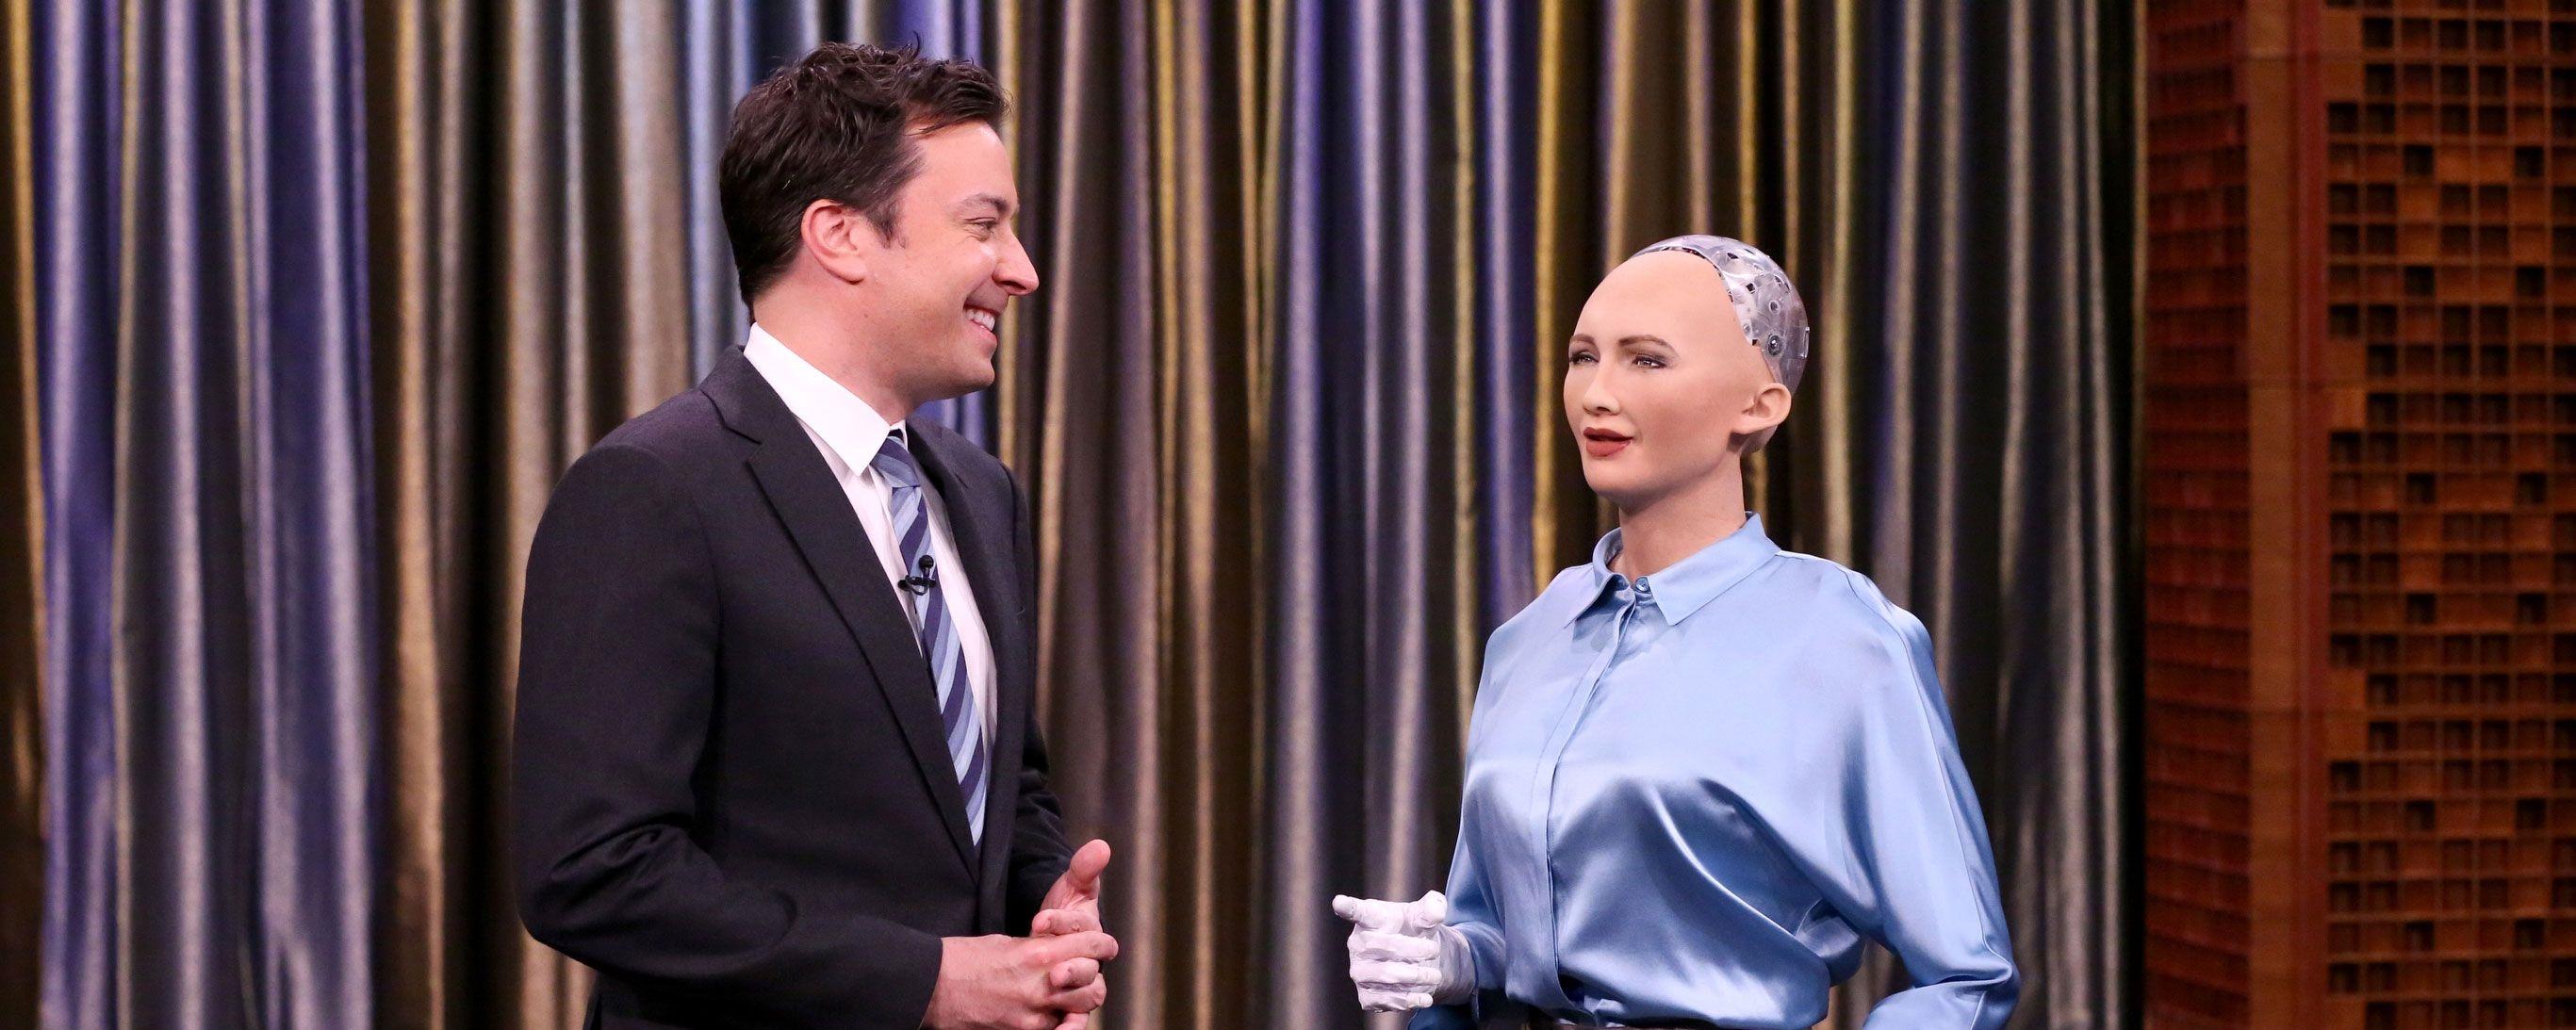 Tem Na Web - Apresentador Jimmy Fallon canta Christina Aguilera em dueto com robô Sophia